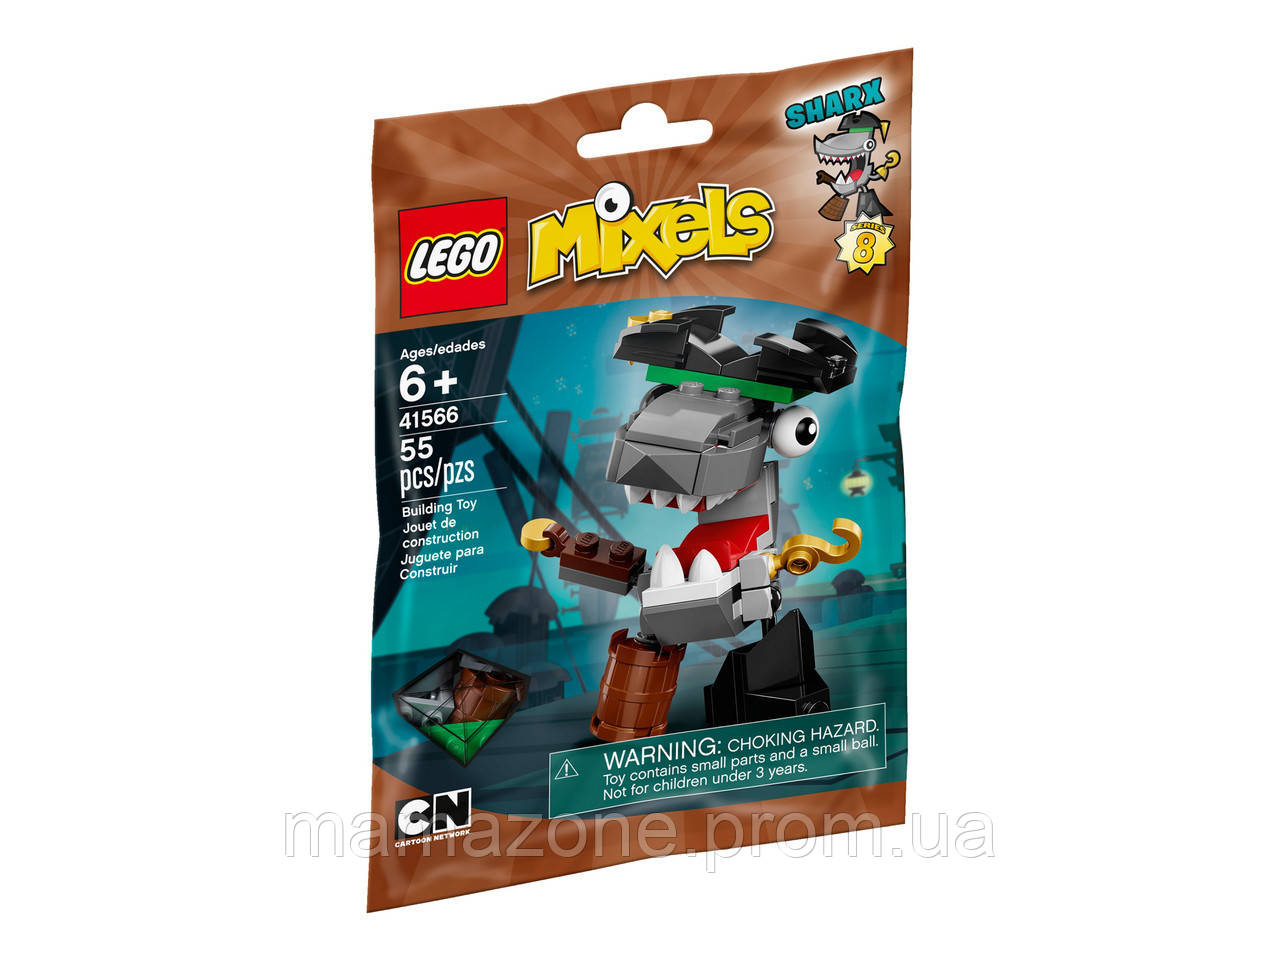 Купить Лего Миксели Lego Mixels Шаркс 41566